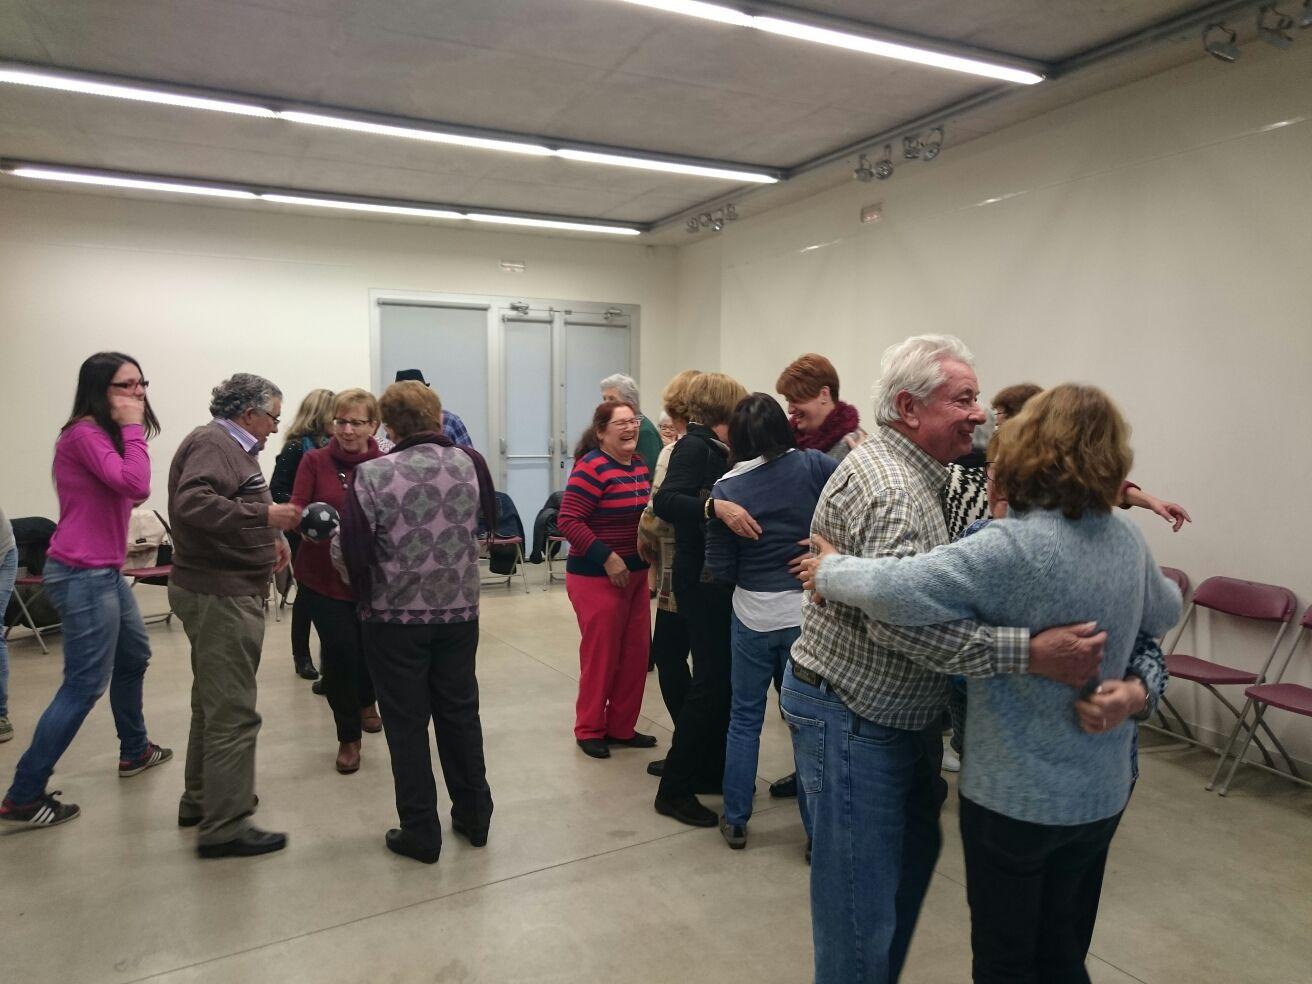 La Regidoria de la Gent Gran tira endavant un ampli programa d'activitats amb la finalitat d'enfortir la salut física i emocional dels majors de 65 anys